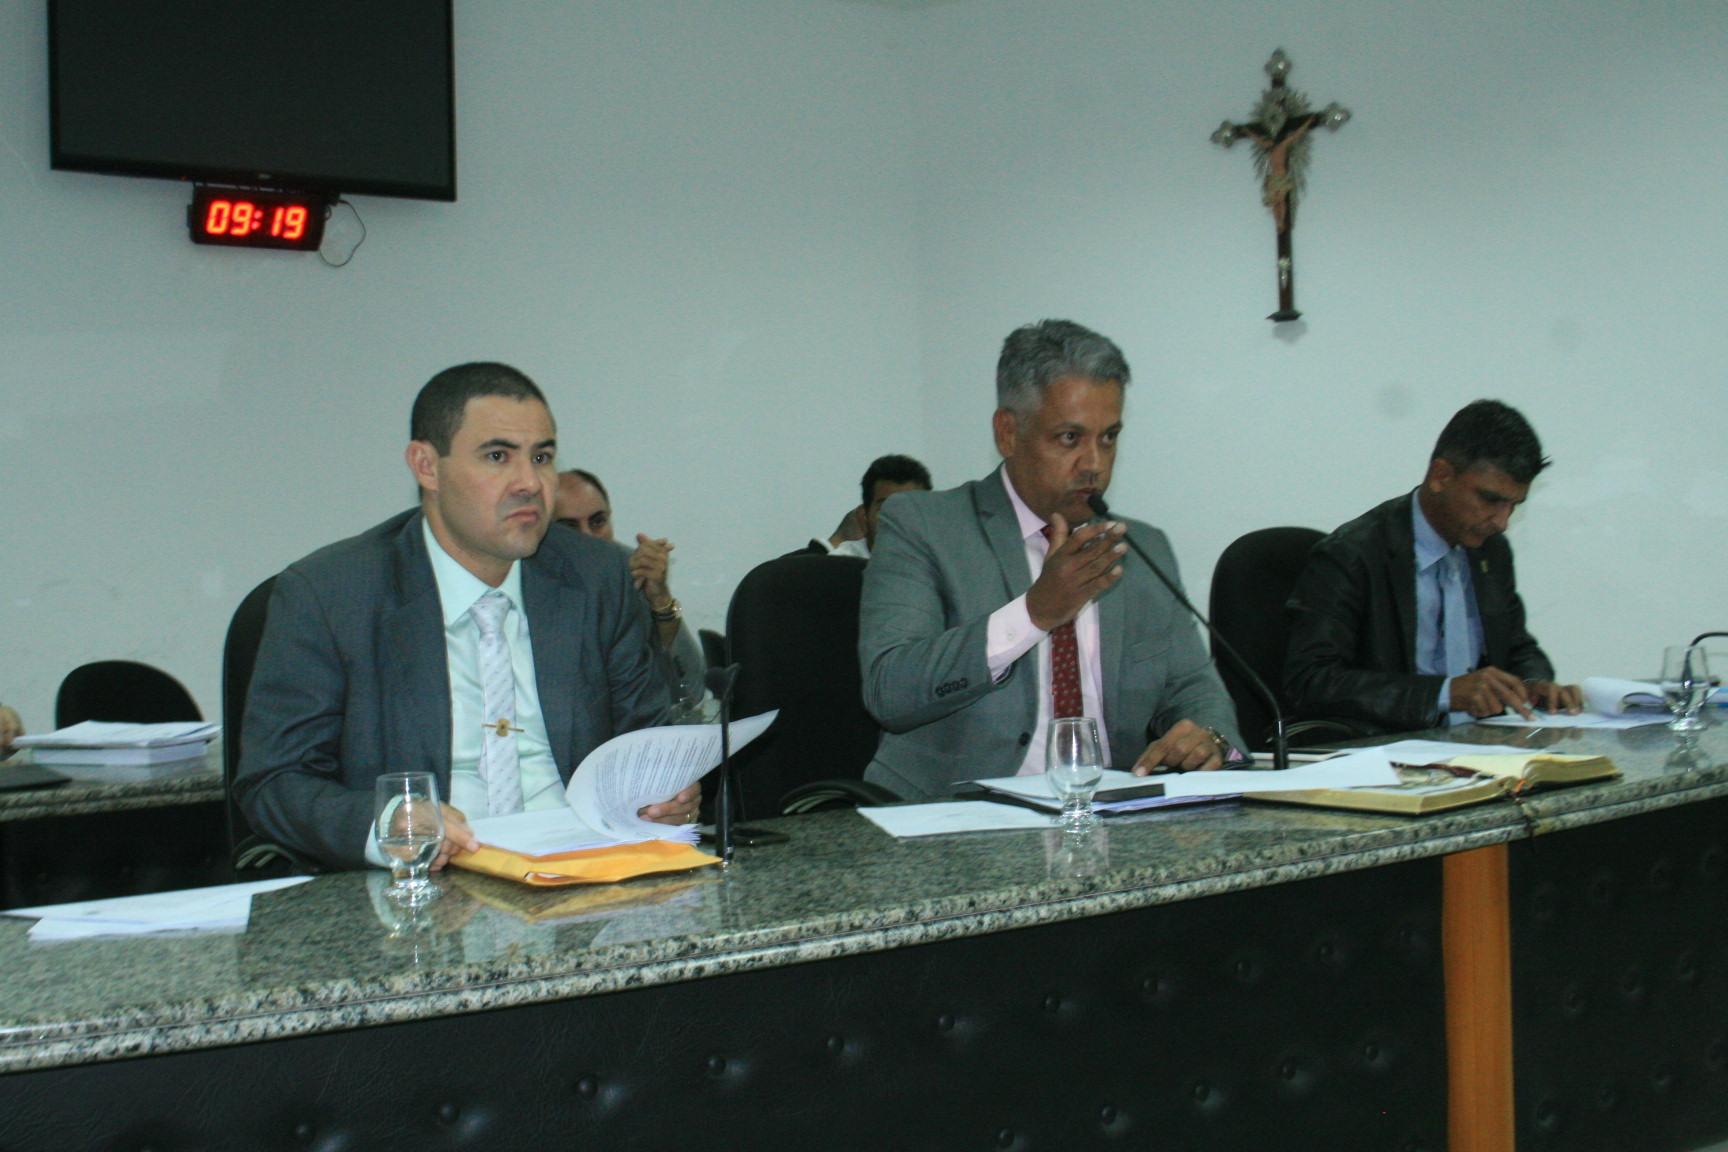 Câmara de Juazeiro aprecia, vota e aprova 12 projetos na última sessão de março